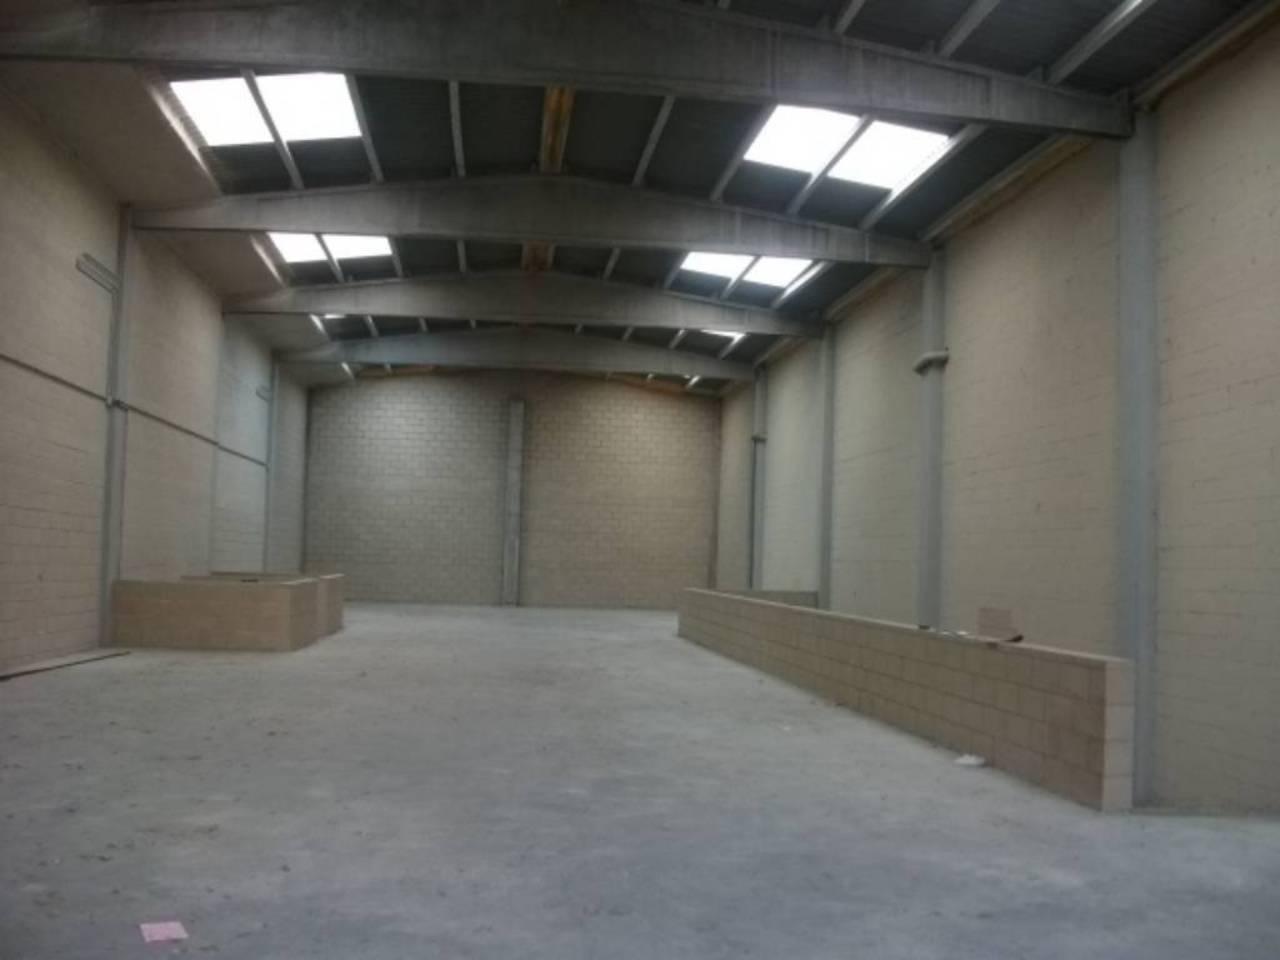 Miete Fabrikhalle  Zona bufalvent. Nave industrial en dos plantas y cada planta de 430m2, ademas de